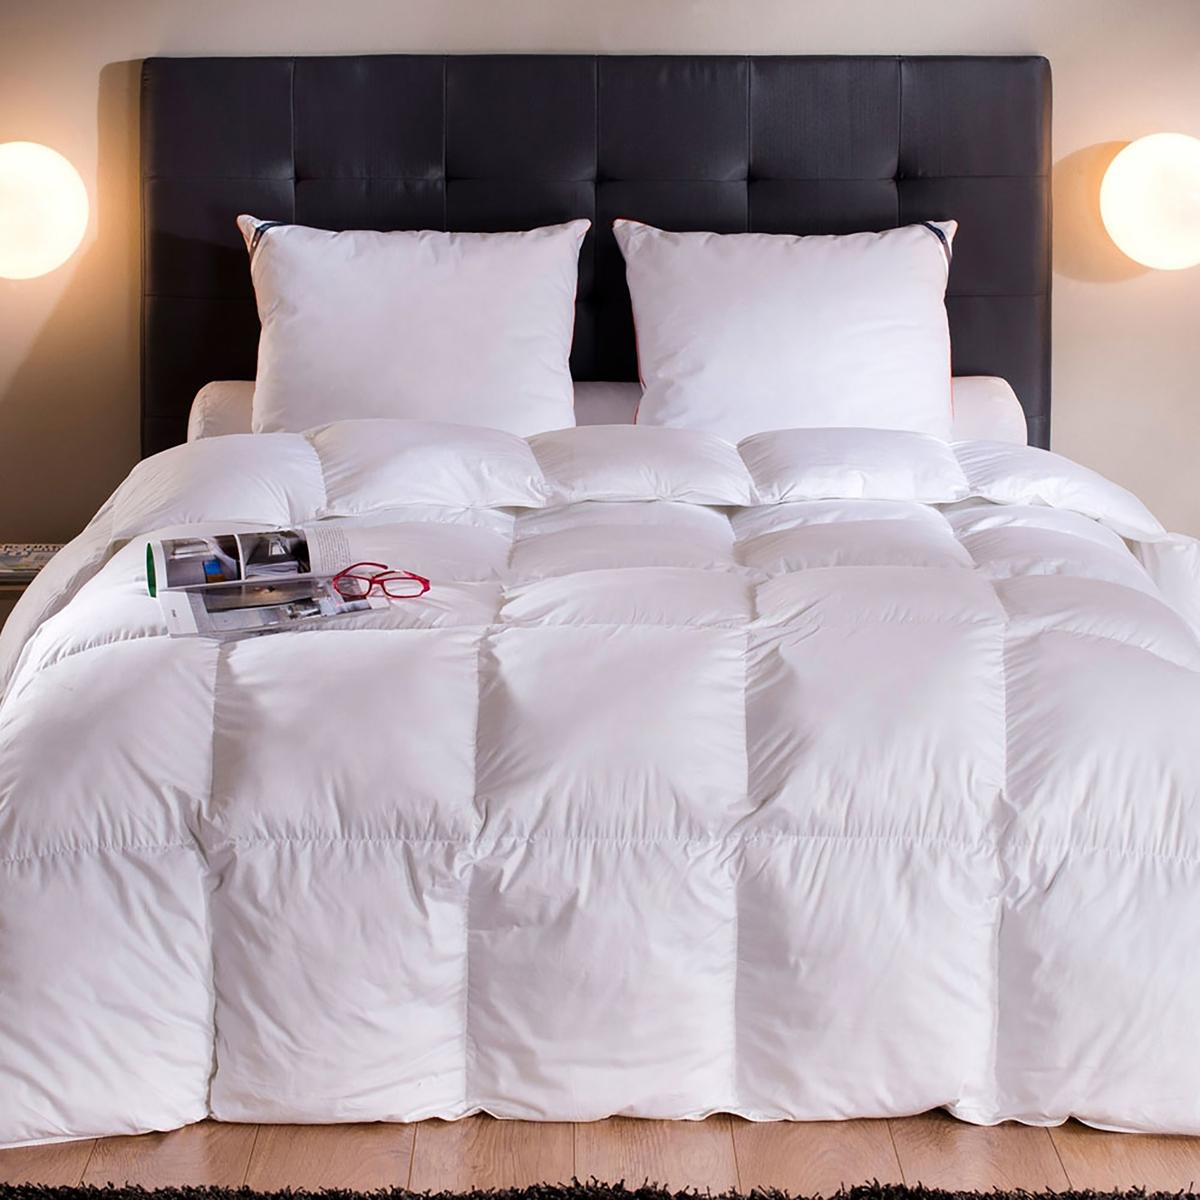 Одеяло синтетическое « Moscova». На ощупь, как пуховое  .Одеяло синтетическое Moscova  : для спокойных и безмятежных ночей, это одеяло с наполнителем из волокон микрофибры SUPRELLE DUV TOUCH невероятно пышное, оно подарит вам приятный сон  ! Производство: Франция.Чехол : Великолепный хлопковый сатин, 139 нитей/см?, с надписью « Drouault » Наполнитель : 100%волокна полиэстера Suprelle® Duv touch 500г/м? Прострочка : в клетку, обеспечивает отличную поддержку наполнителя в любых ситуациях . Отделка белым кантом Машинная стирка при 40 °С. Доставка в чемоданчике для хранения.<br><br>Цвет: белый